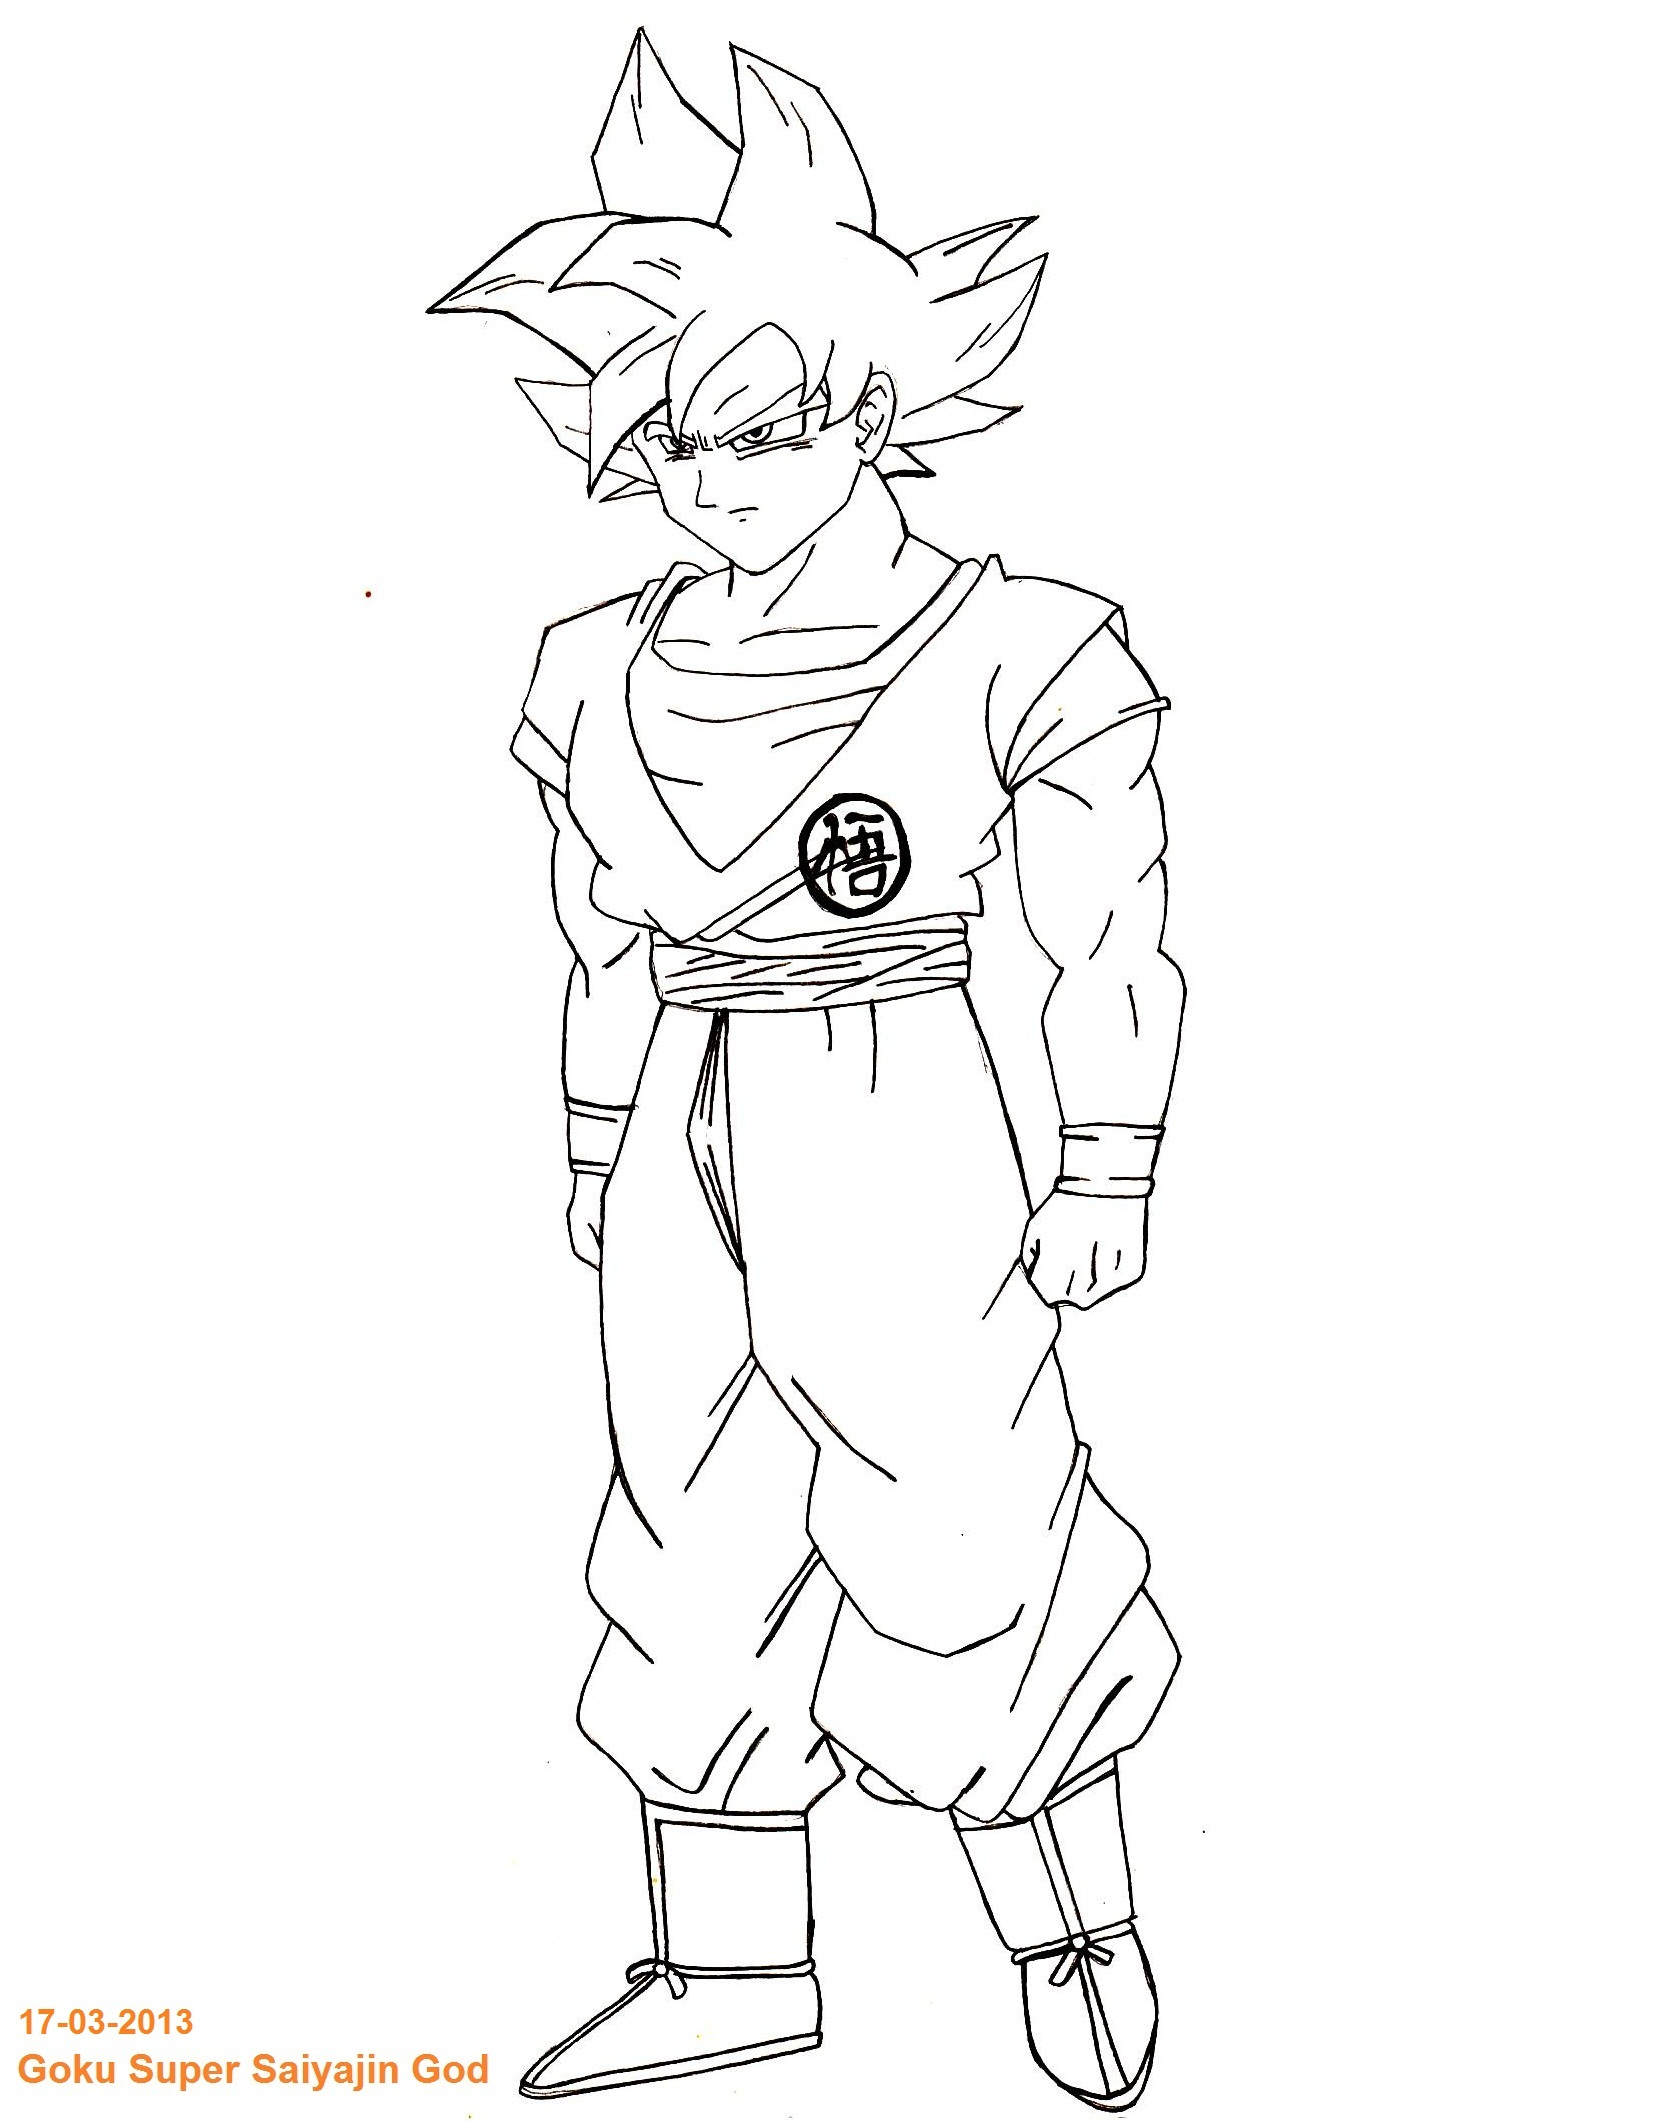 goku super saiyan god by fher85 on deviantart